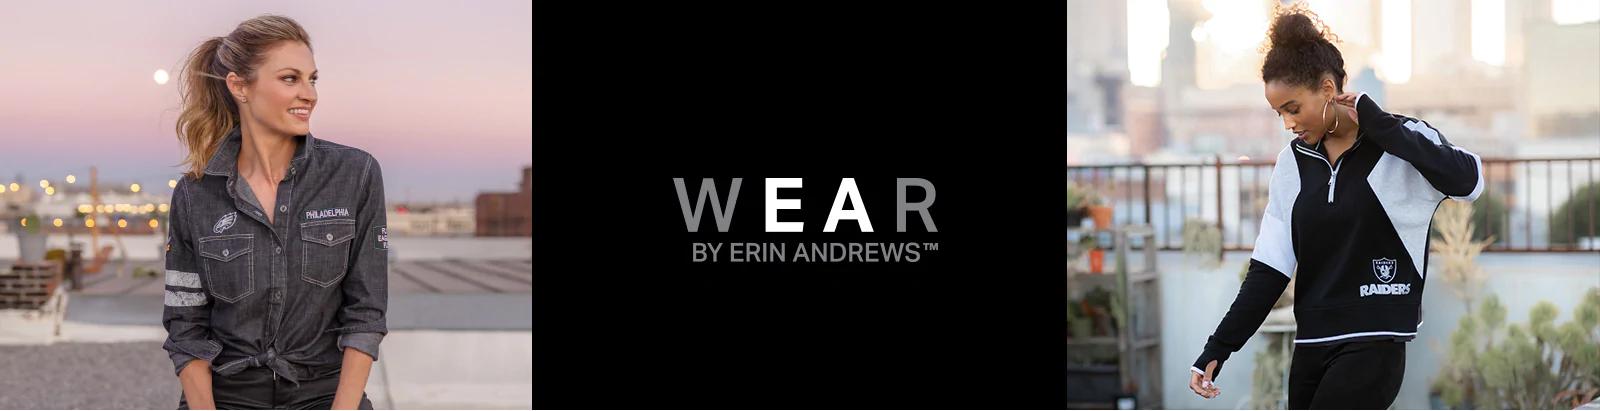 Wear by Erin Andrews - Fanatics